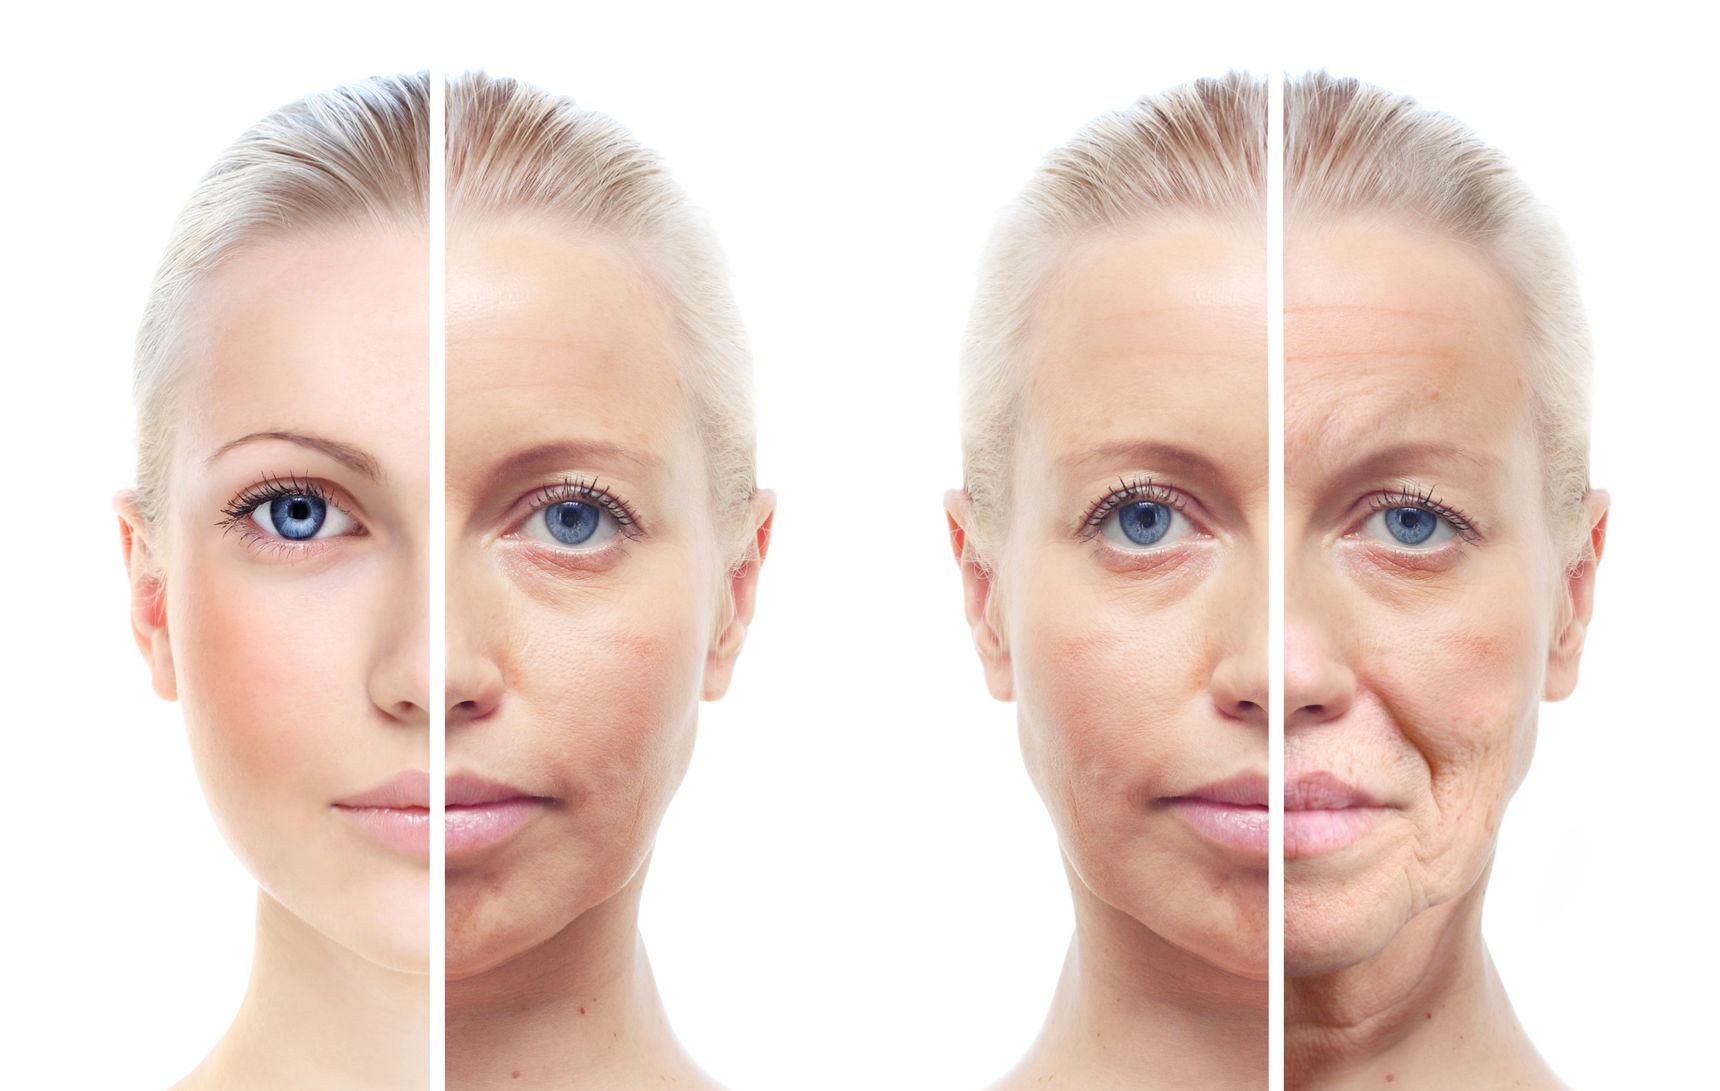 anti-aging delaware botox fillers facials